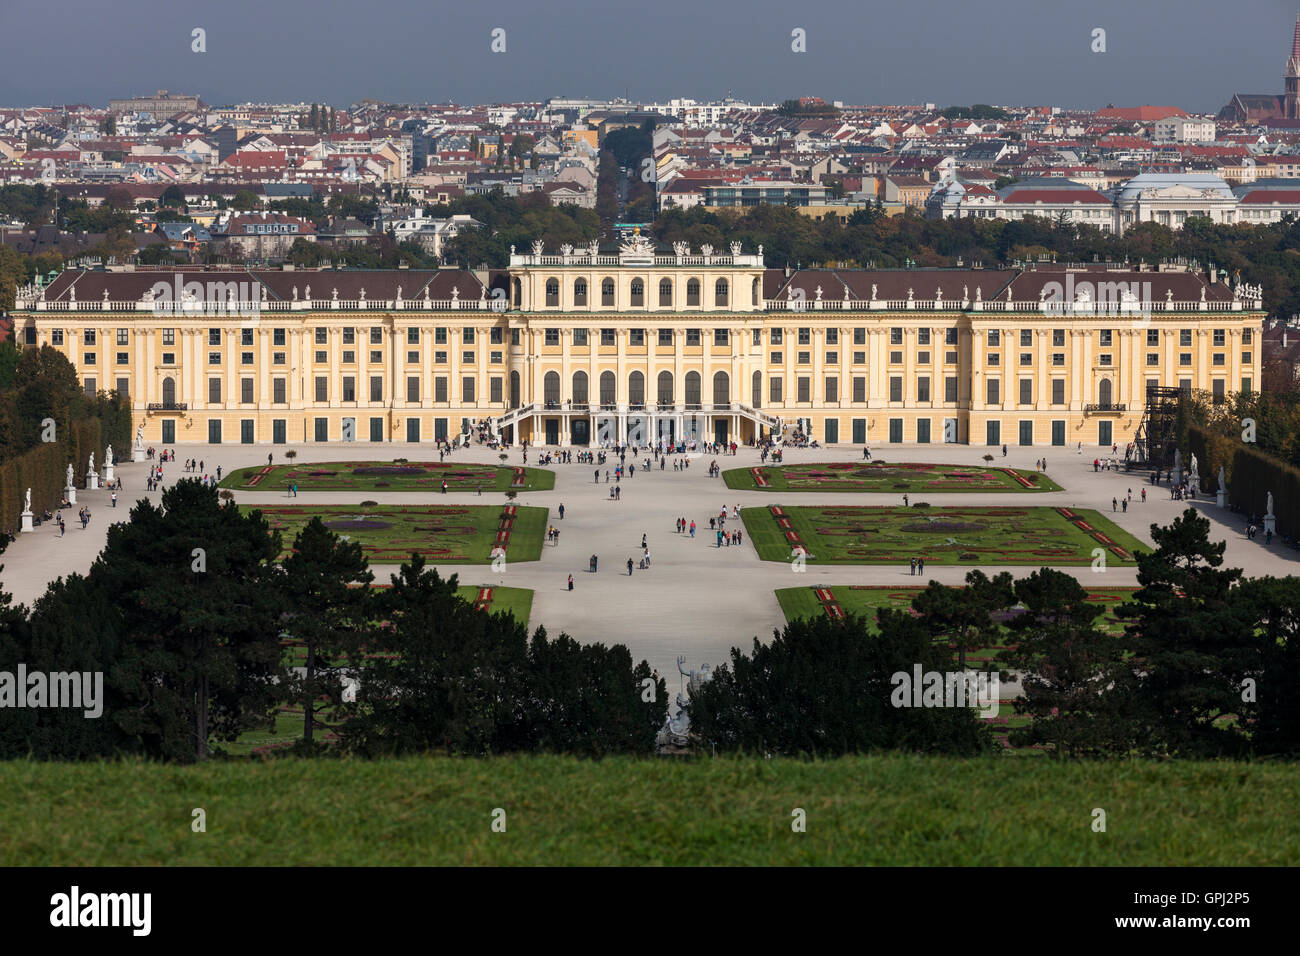 View from Gloriette to Schönbrunn Palace in Vienna, Austria - Stock Image